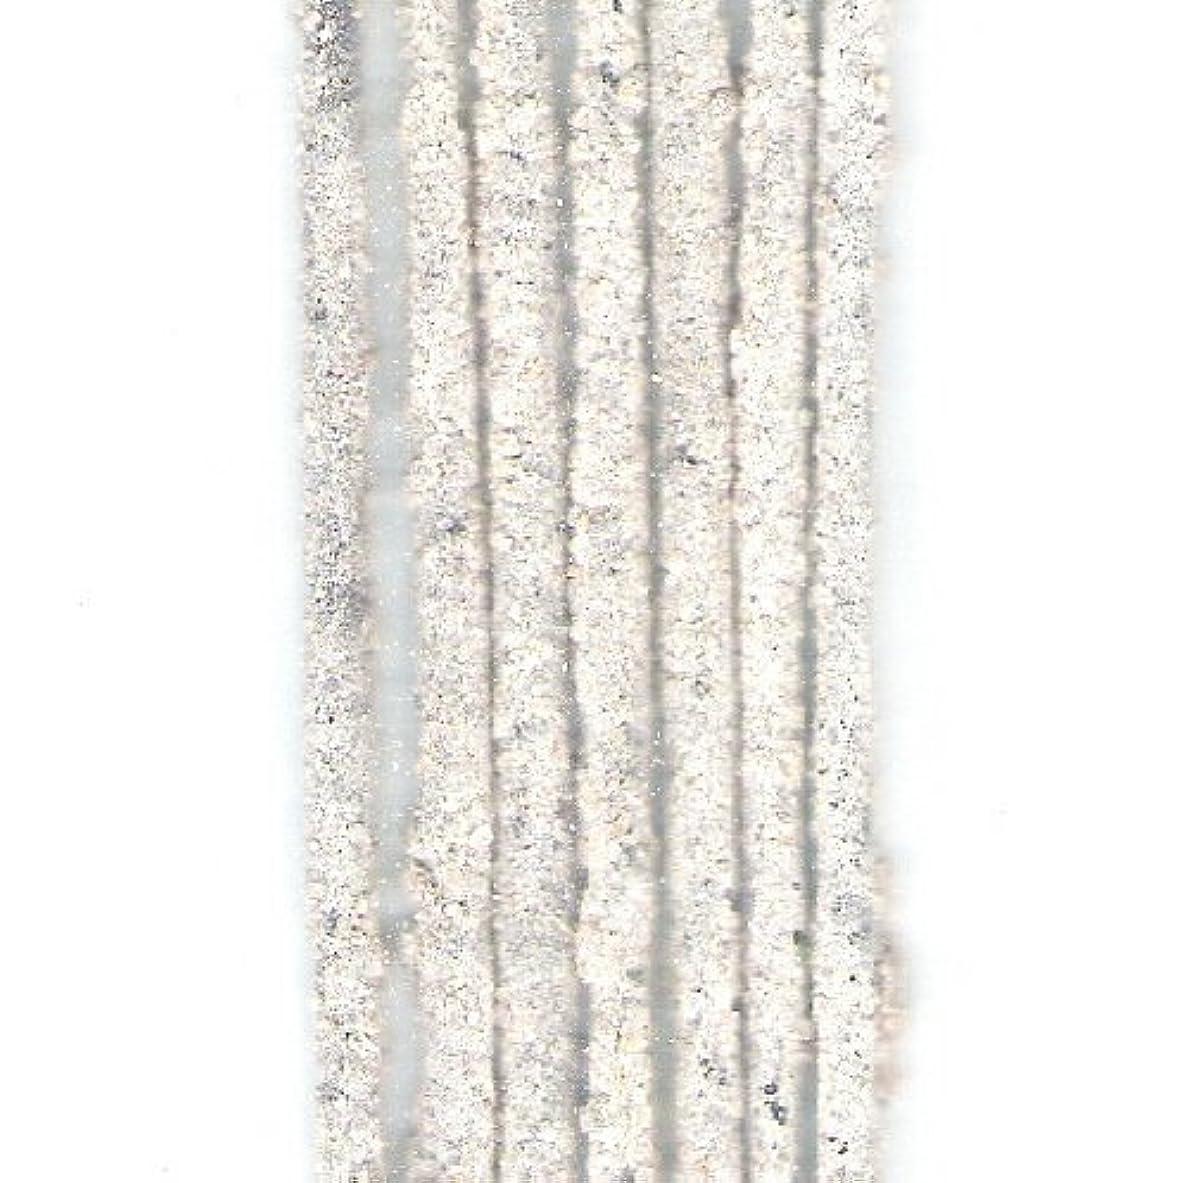 受け入れる謎めいたオプションNature Frankincense Benzoin Pure樹脂over Stick Incense 10 Sticks